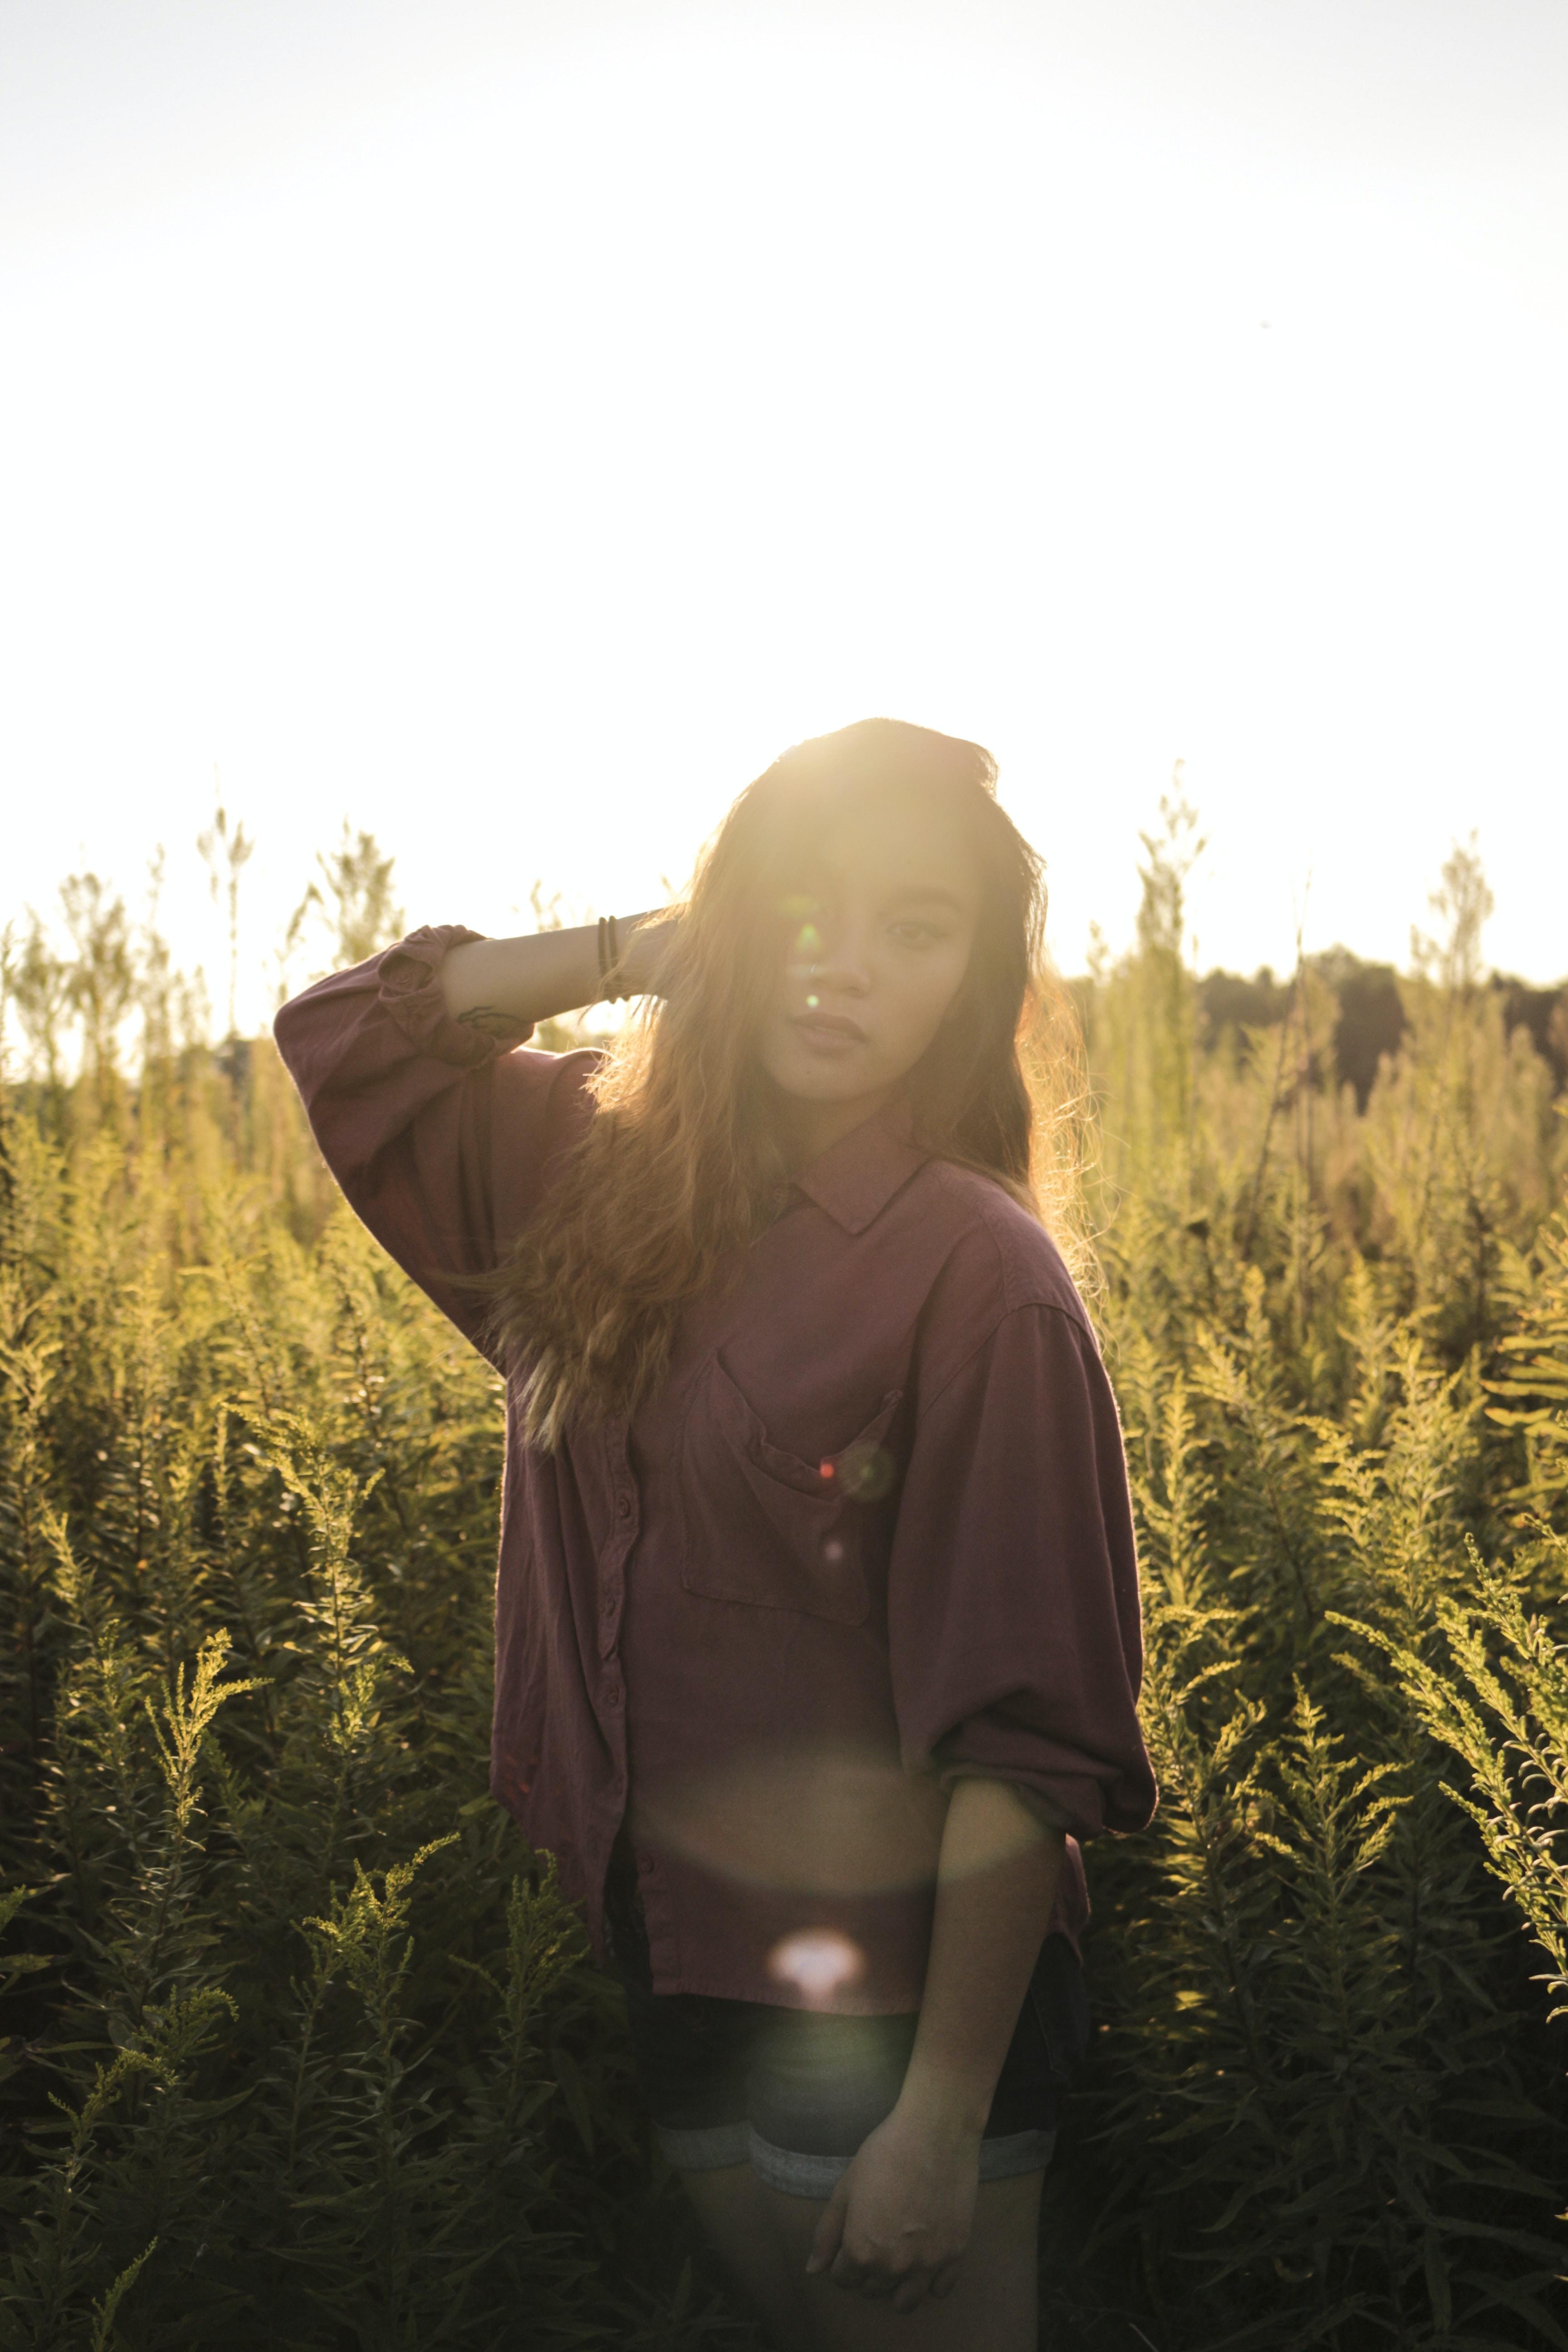 woman standing near green grass field wearing brown button-up long-sleeved dress shirt